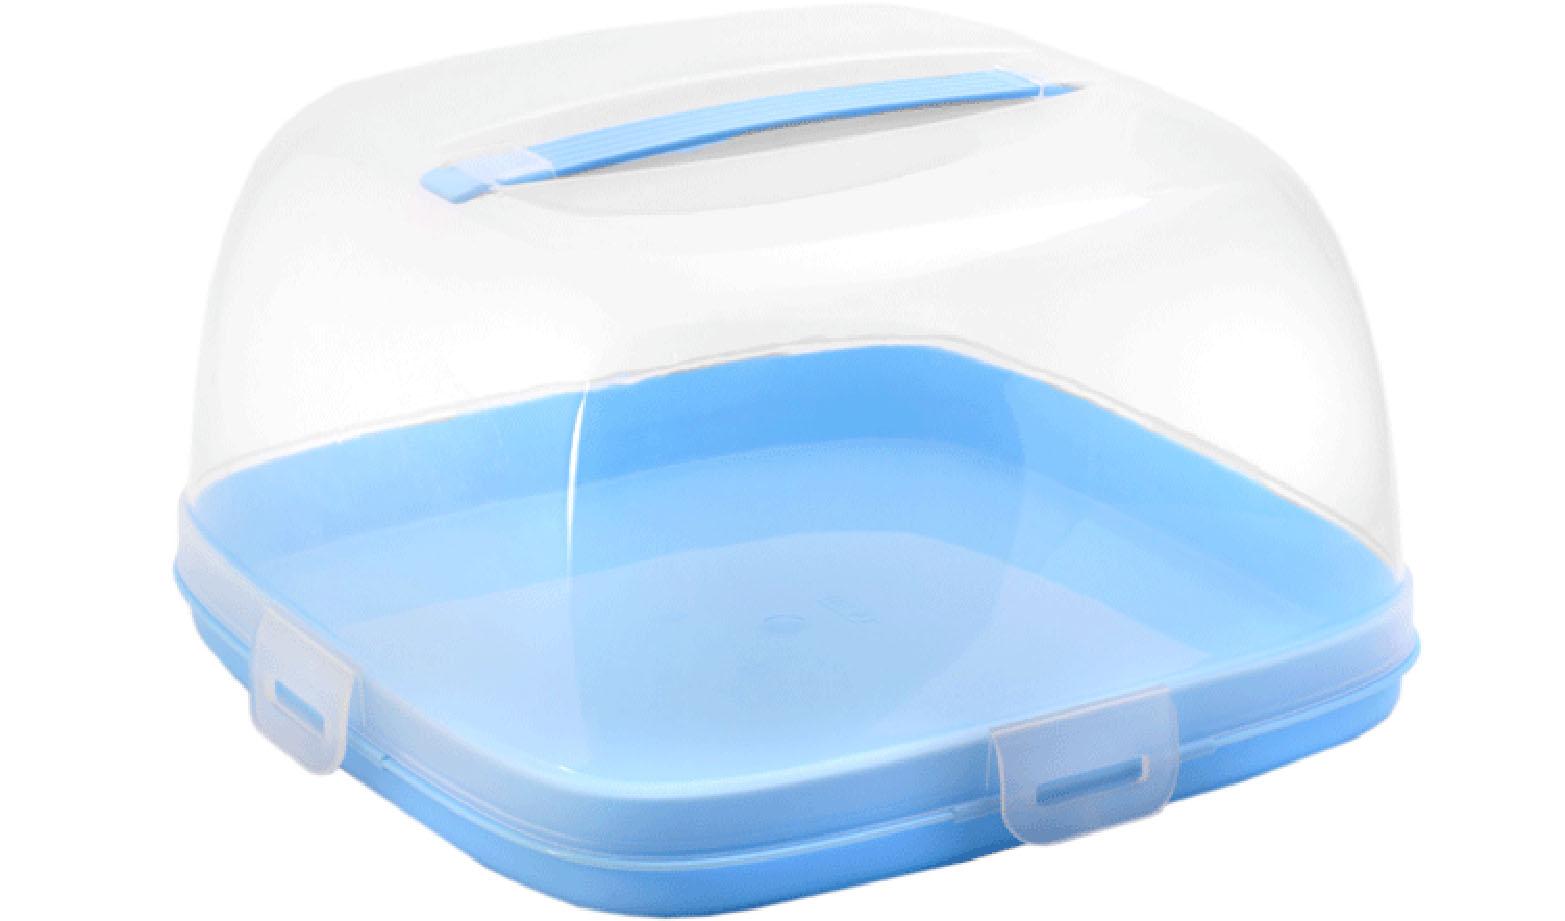 Тортница Idea, с защелками, цвет: прозрачный, голубой, 24 х 24 смМ 1121Тортница Idea изготовлена из высококачественного прочного пищевого пластика. Она состоит из квадратного двухстороннего поддона и прозрачной крышки. Благодаря четырем защелкам крышка плотно сидит на подносе, что позволяет сохранить первоначальную свежесть торта и защитить его от посторонних запахов. Крышка изделия имеет удобную ручку для переноски. Размер поддона: 24 см х 24 см. Высота борта: 2,5 см. Высота крышки: 12,5 см.